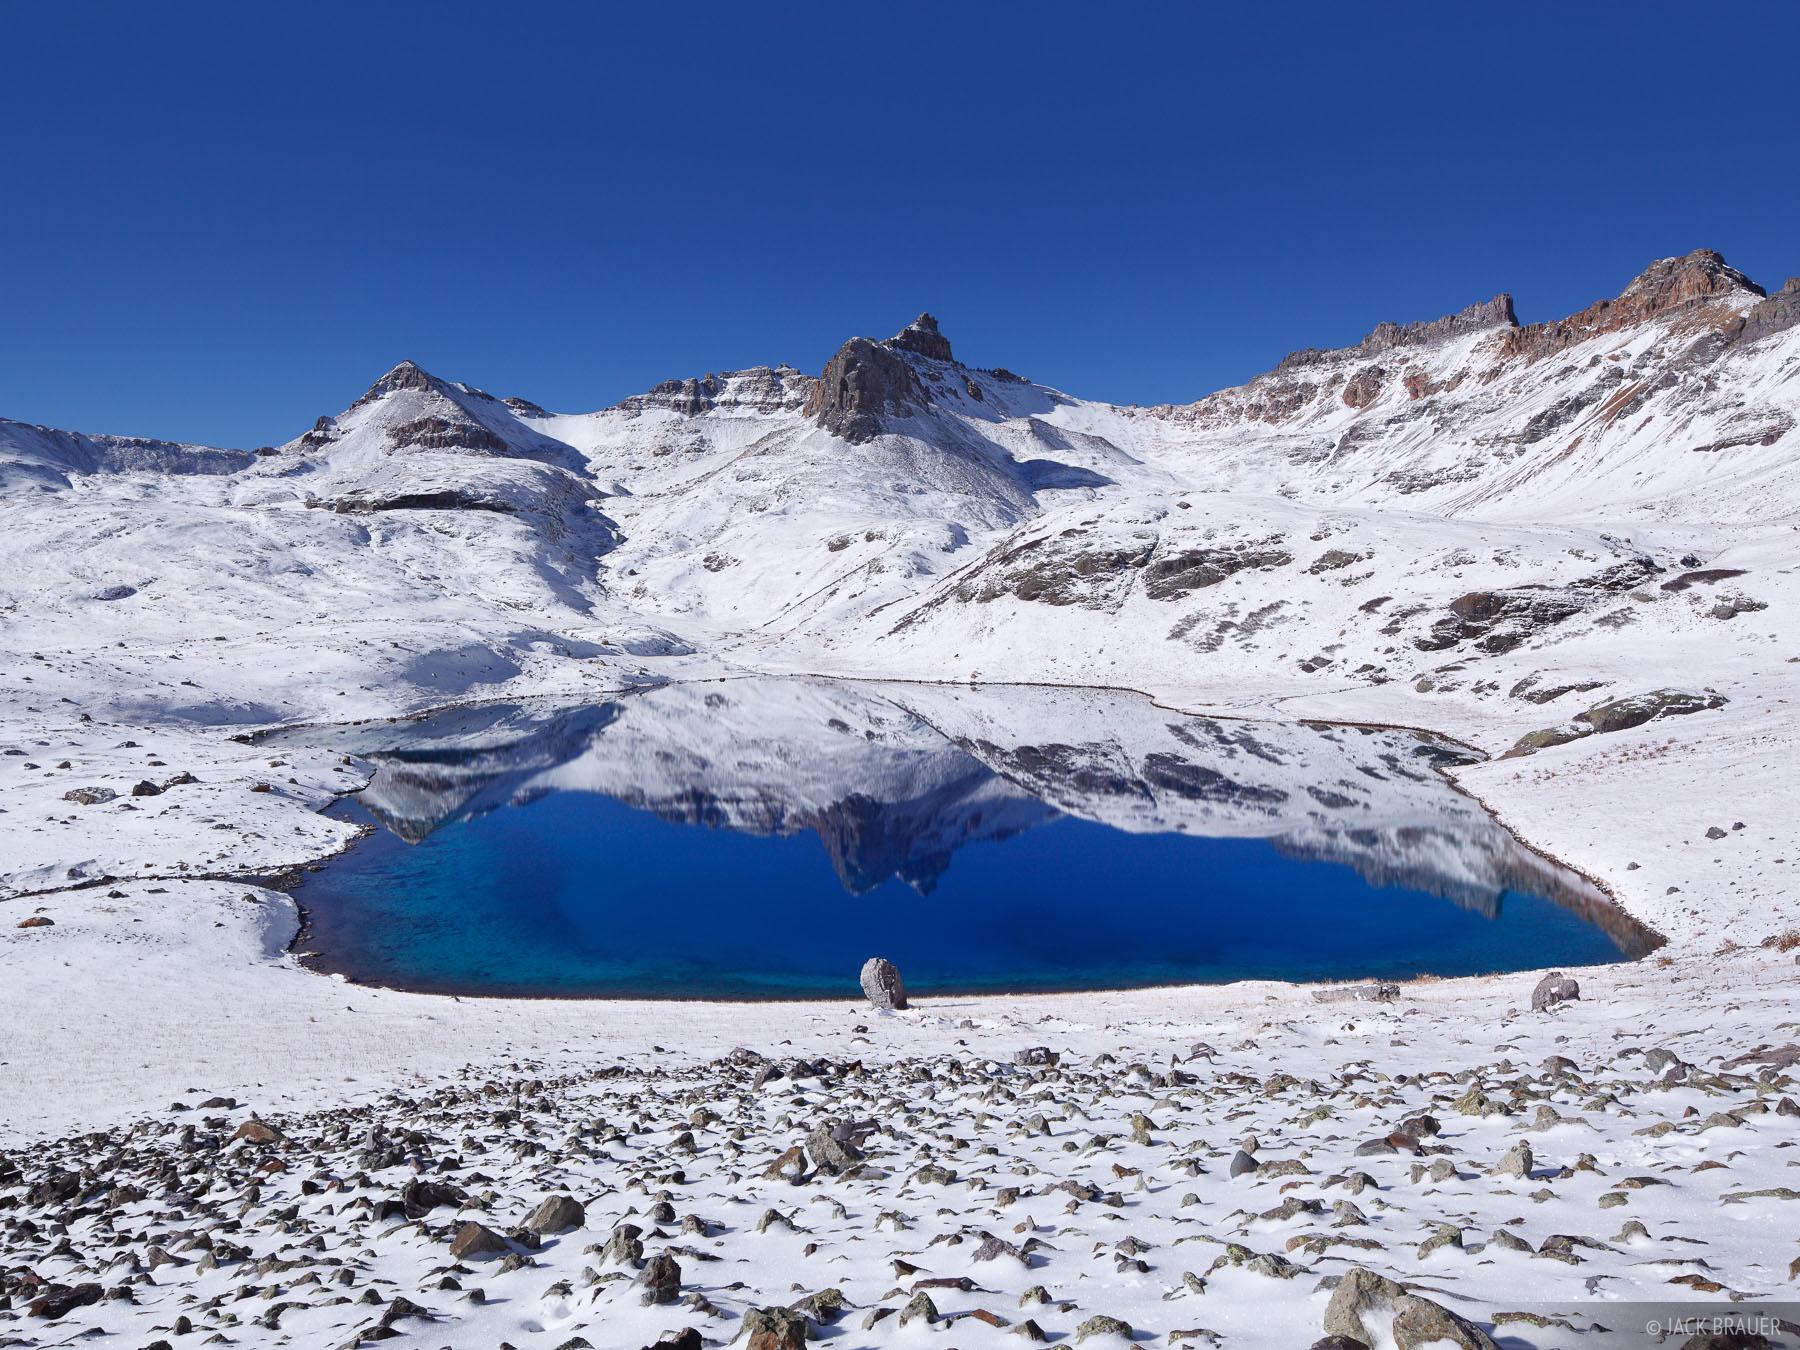 Ice Lakes, San Juan Mountains, Colorado, bluebird, October, snow, lake, blue, Golden Horn, photo